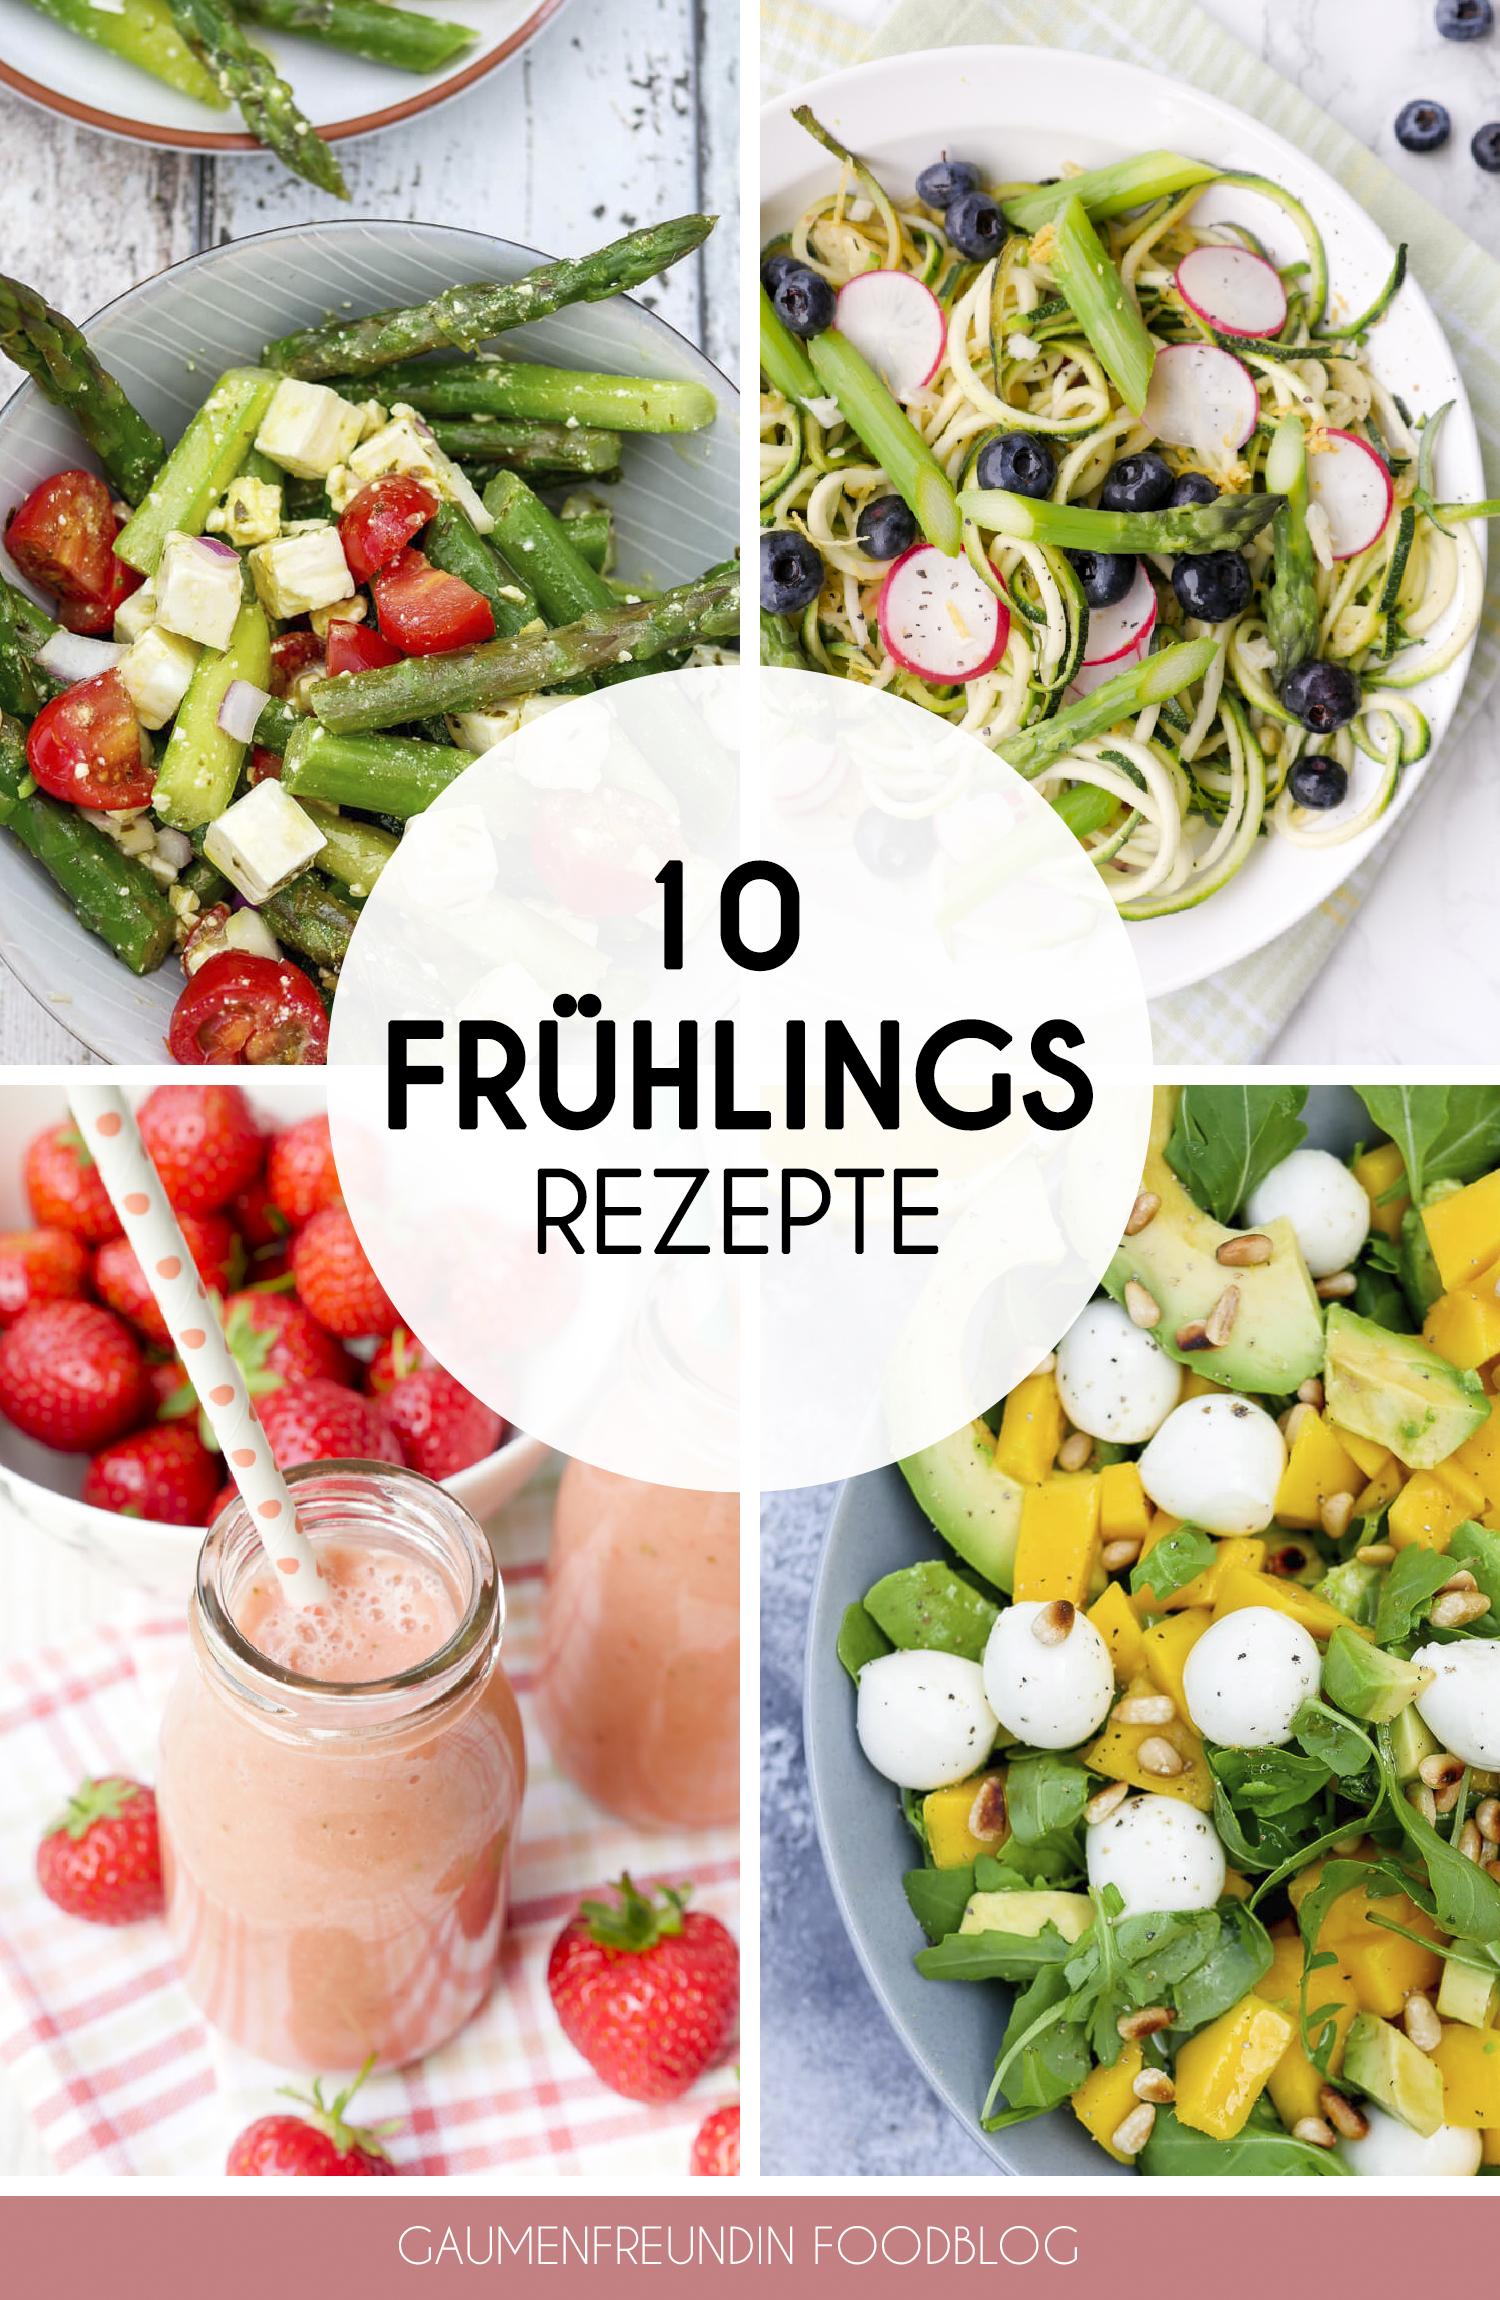 Fit in den Frühling mit meinen 10 schnellen und gesunden Rezepten - Köstliche Rezepte mit Spargel, Bärlauch und Erdbeeren